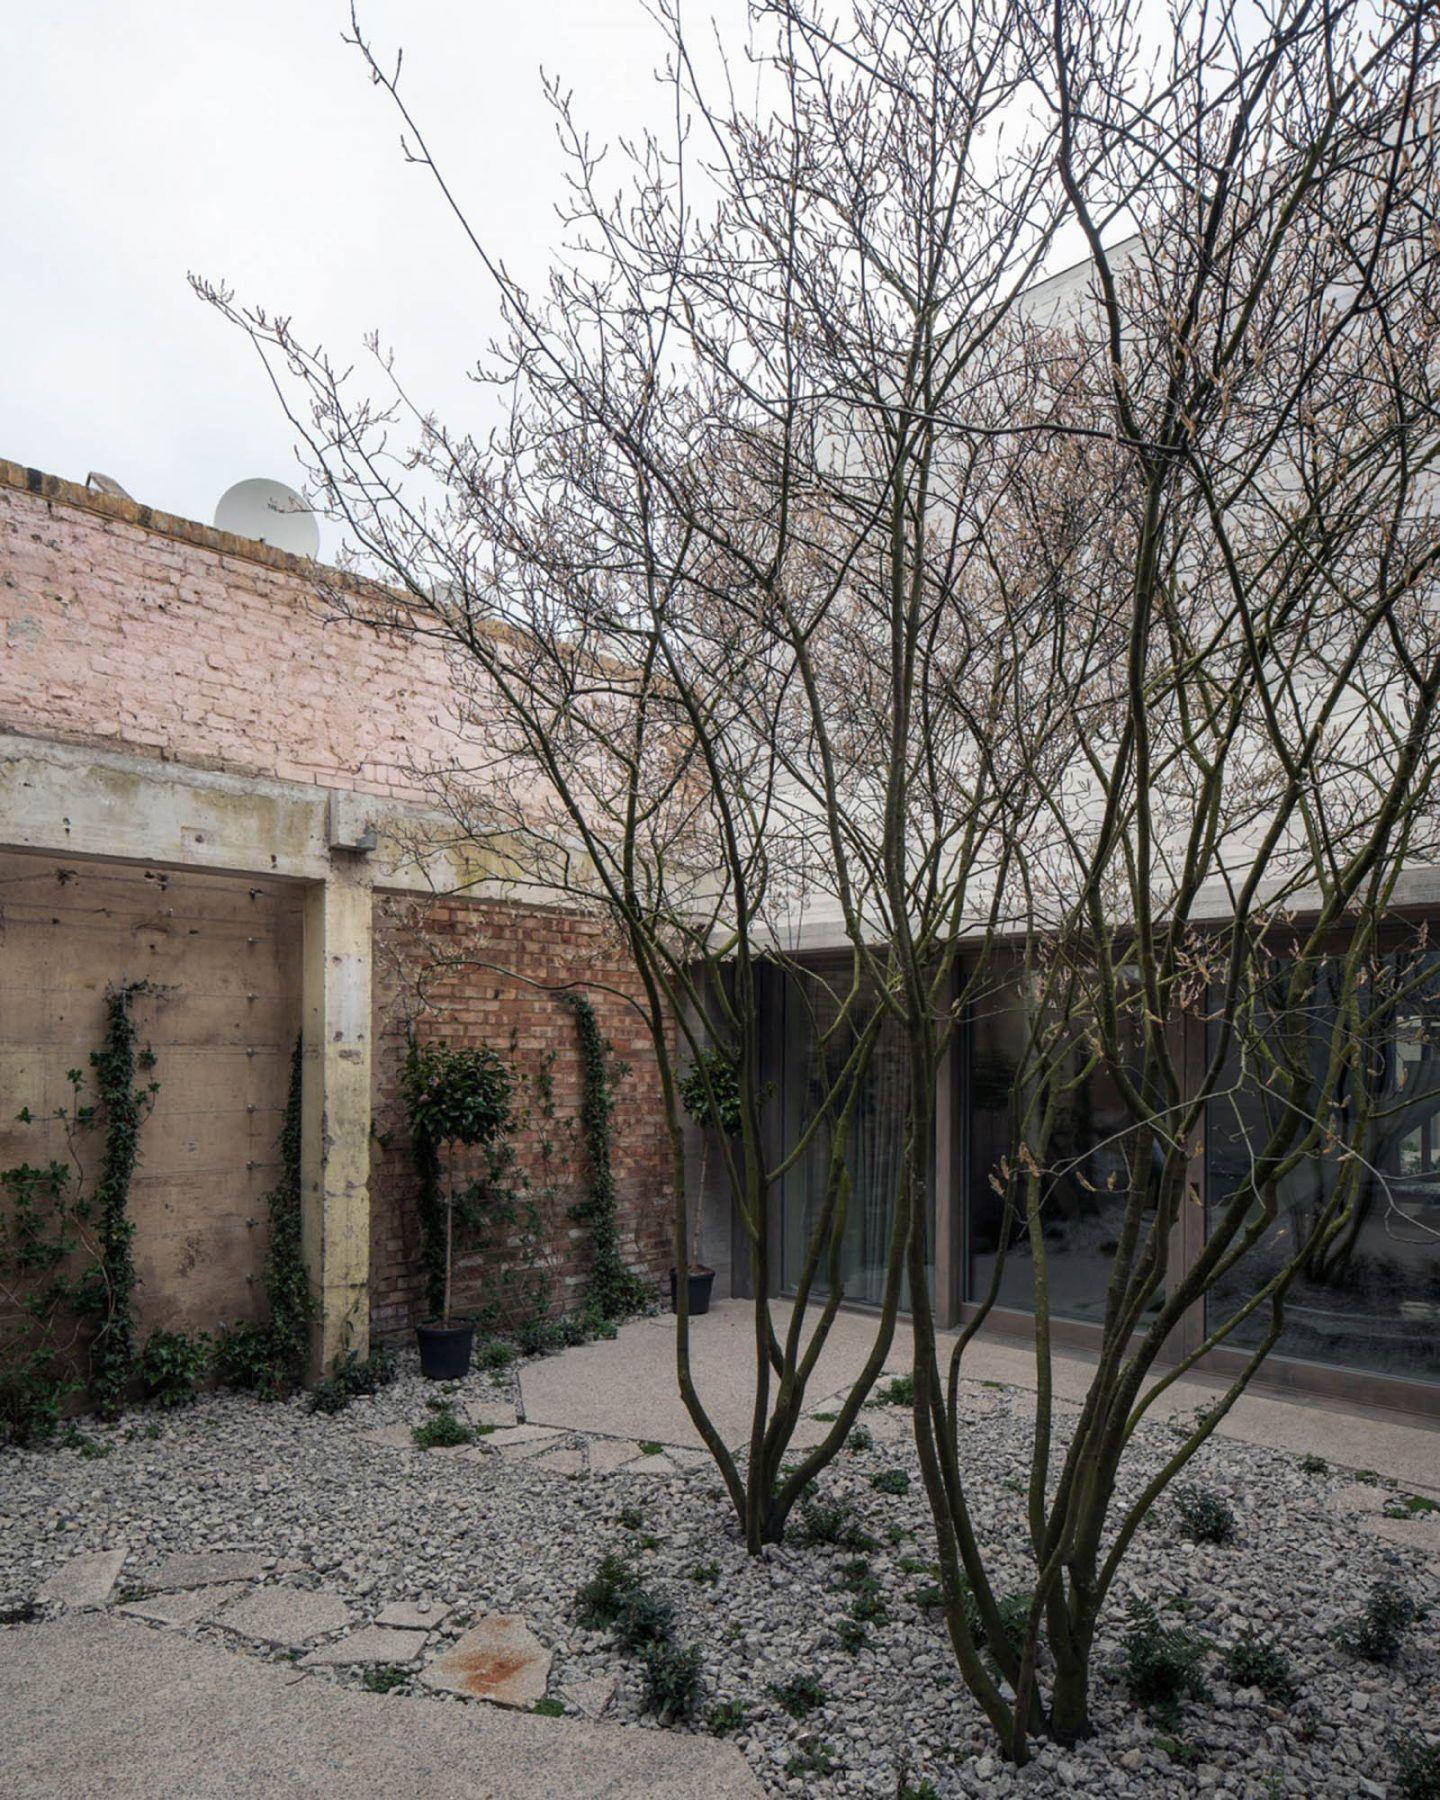 iGNANT-Architecture-6A-Juergen-Teller-Studio-013